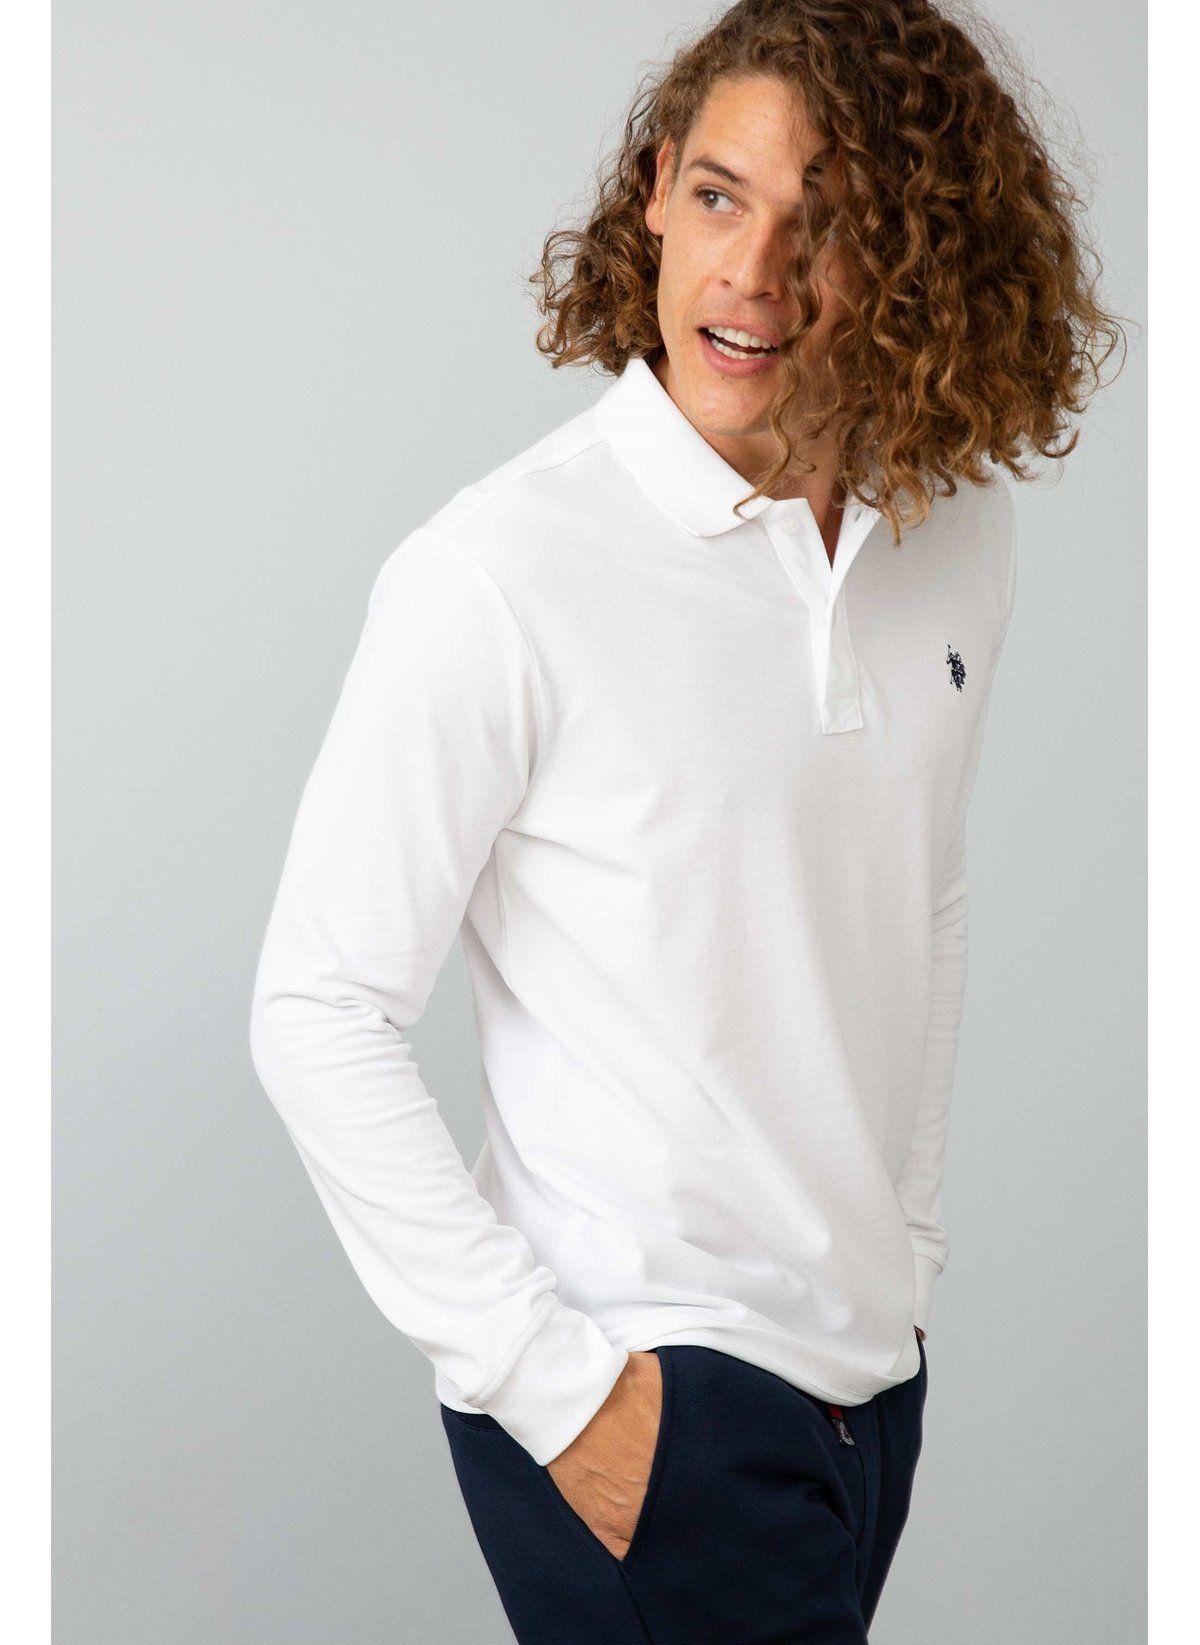 U S Polo Assn Erkek Sweatshirt Beyaz Indirimli Fiyat Morhipo 22059592 Moda Erkek Sweatshirt Polo